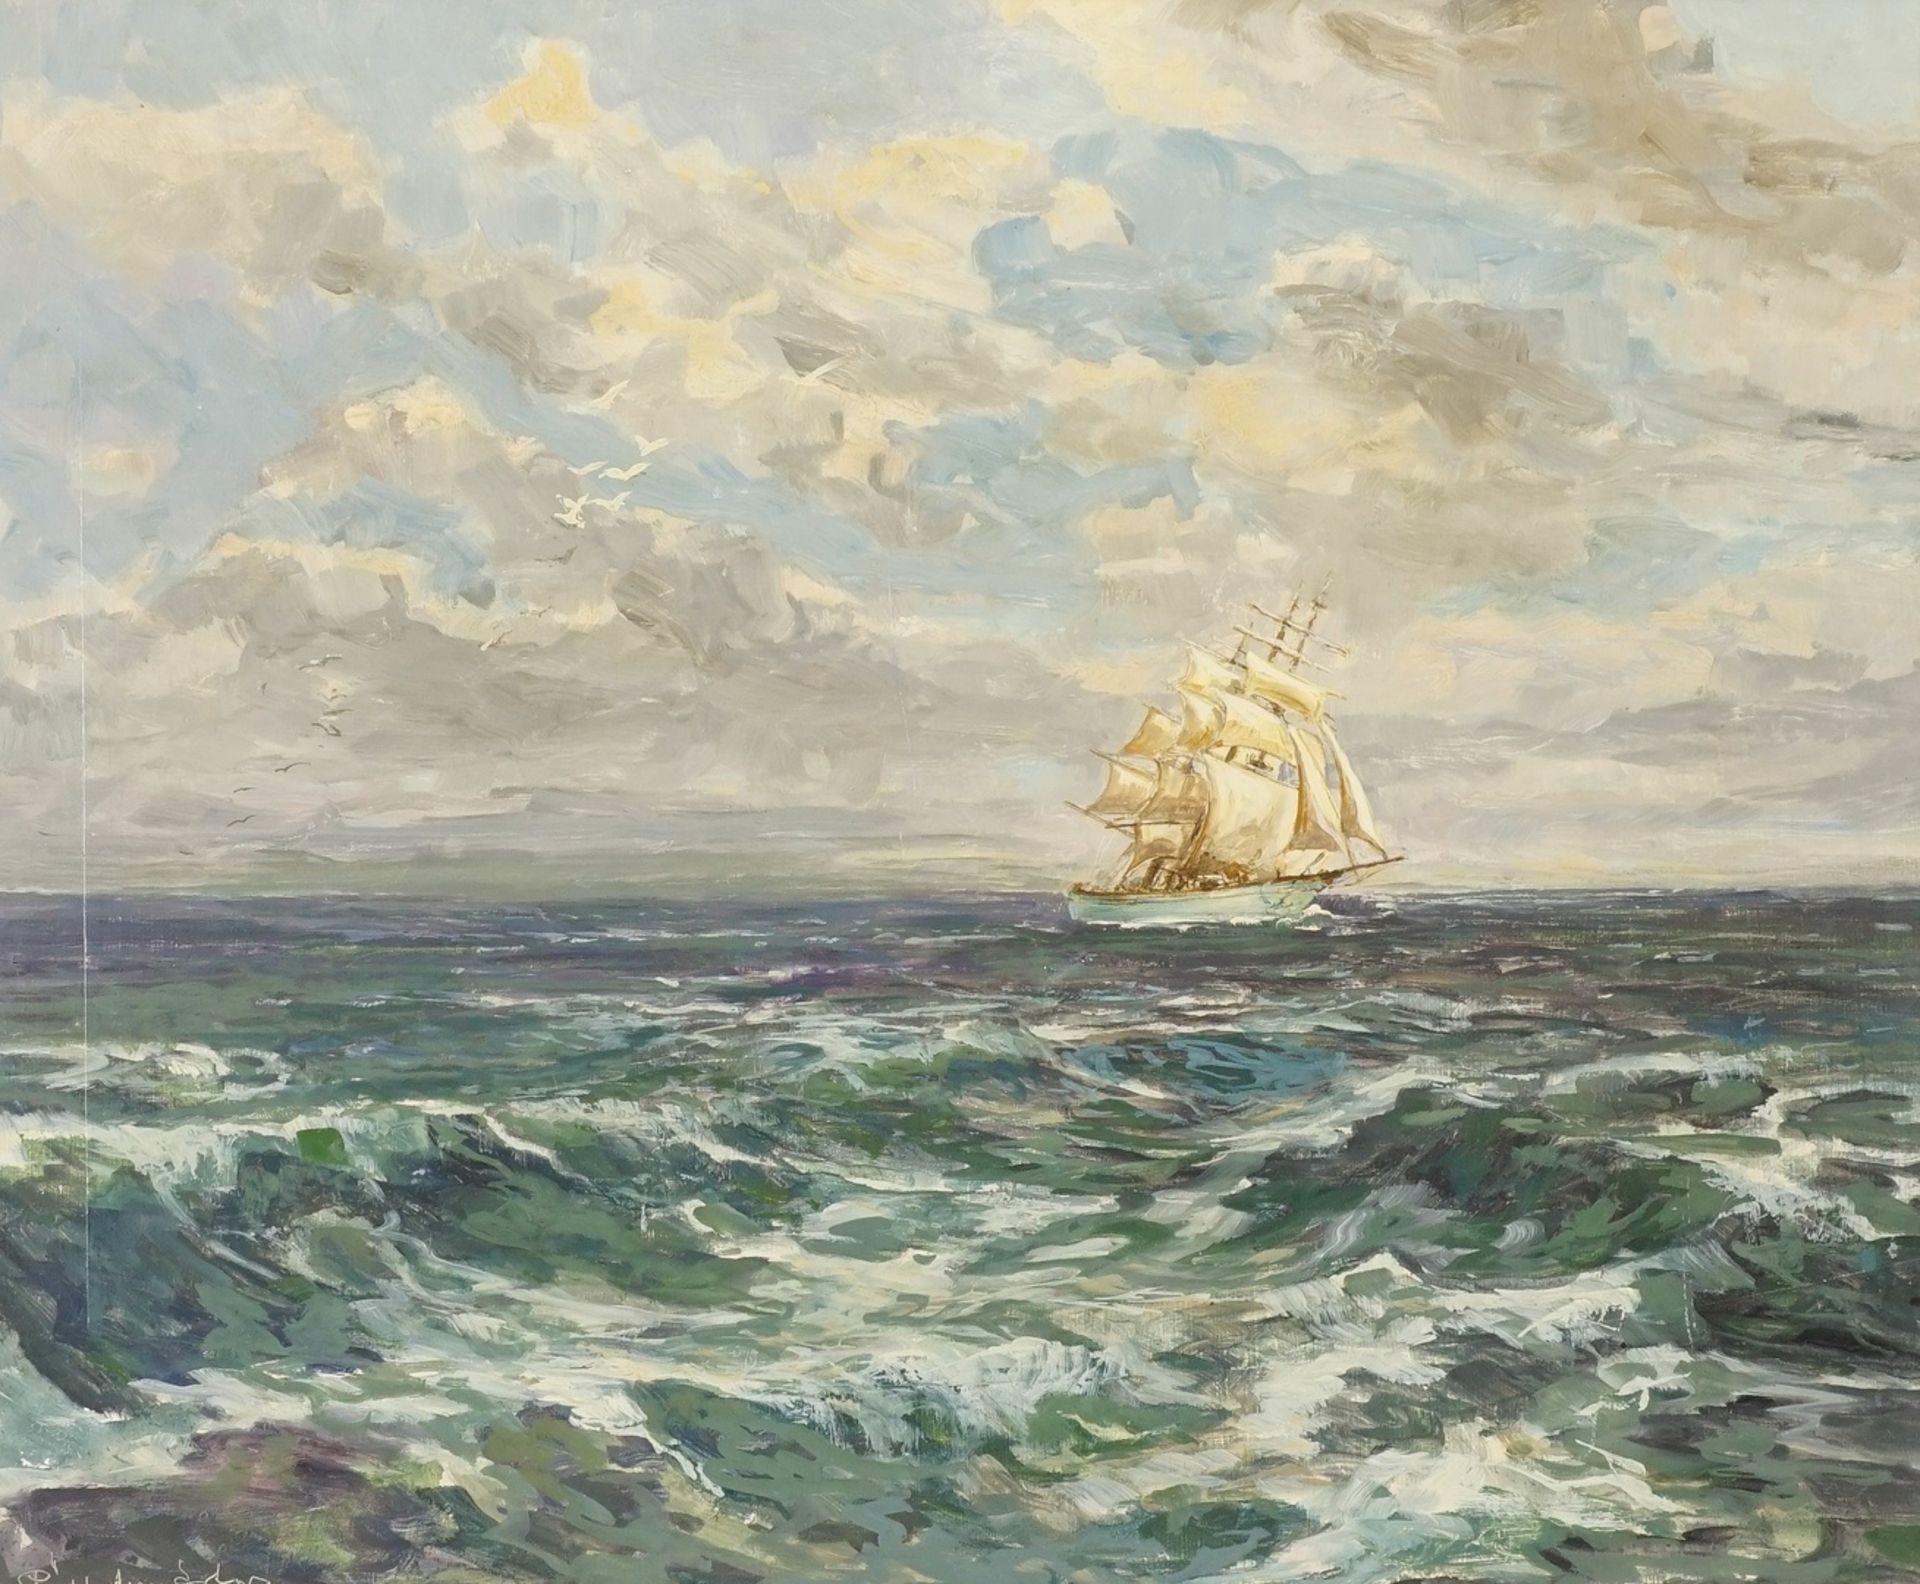 Marinemaler, Dreimaster unter vollen Segeln auf hoher See